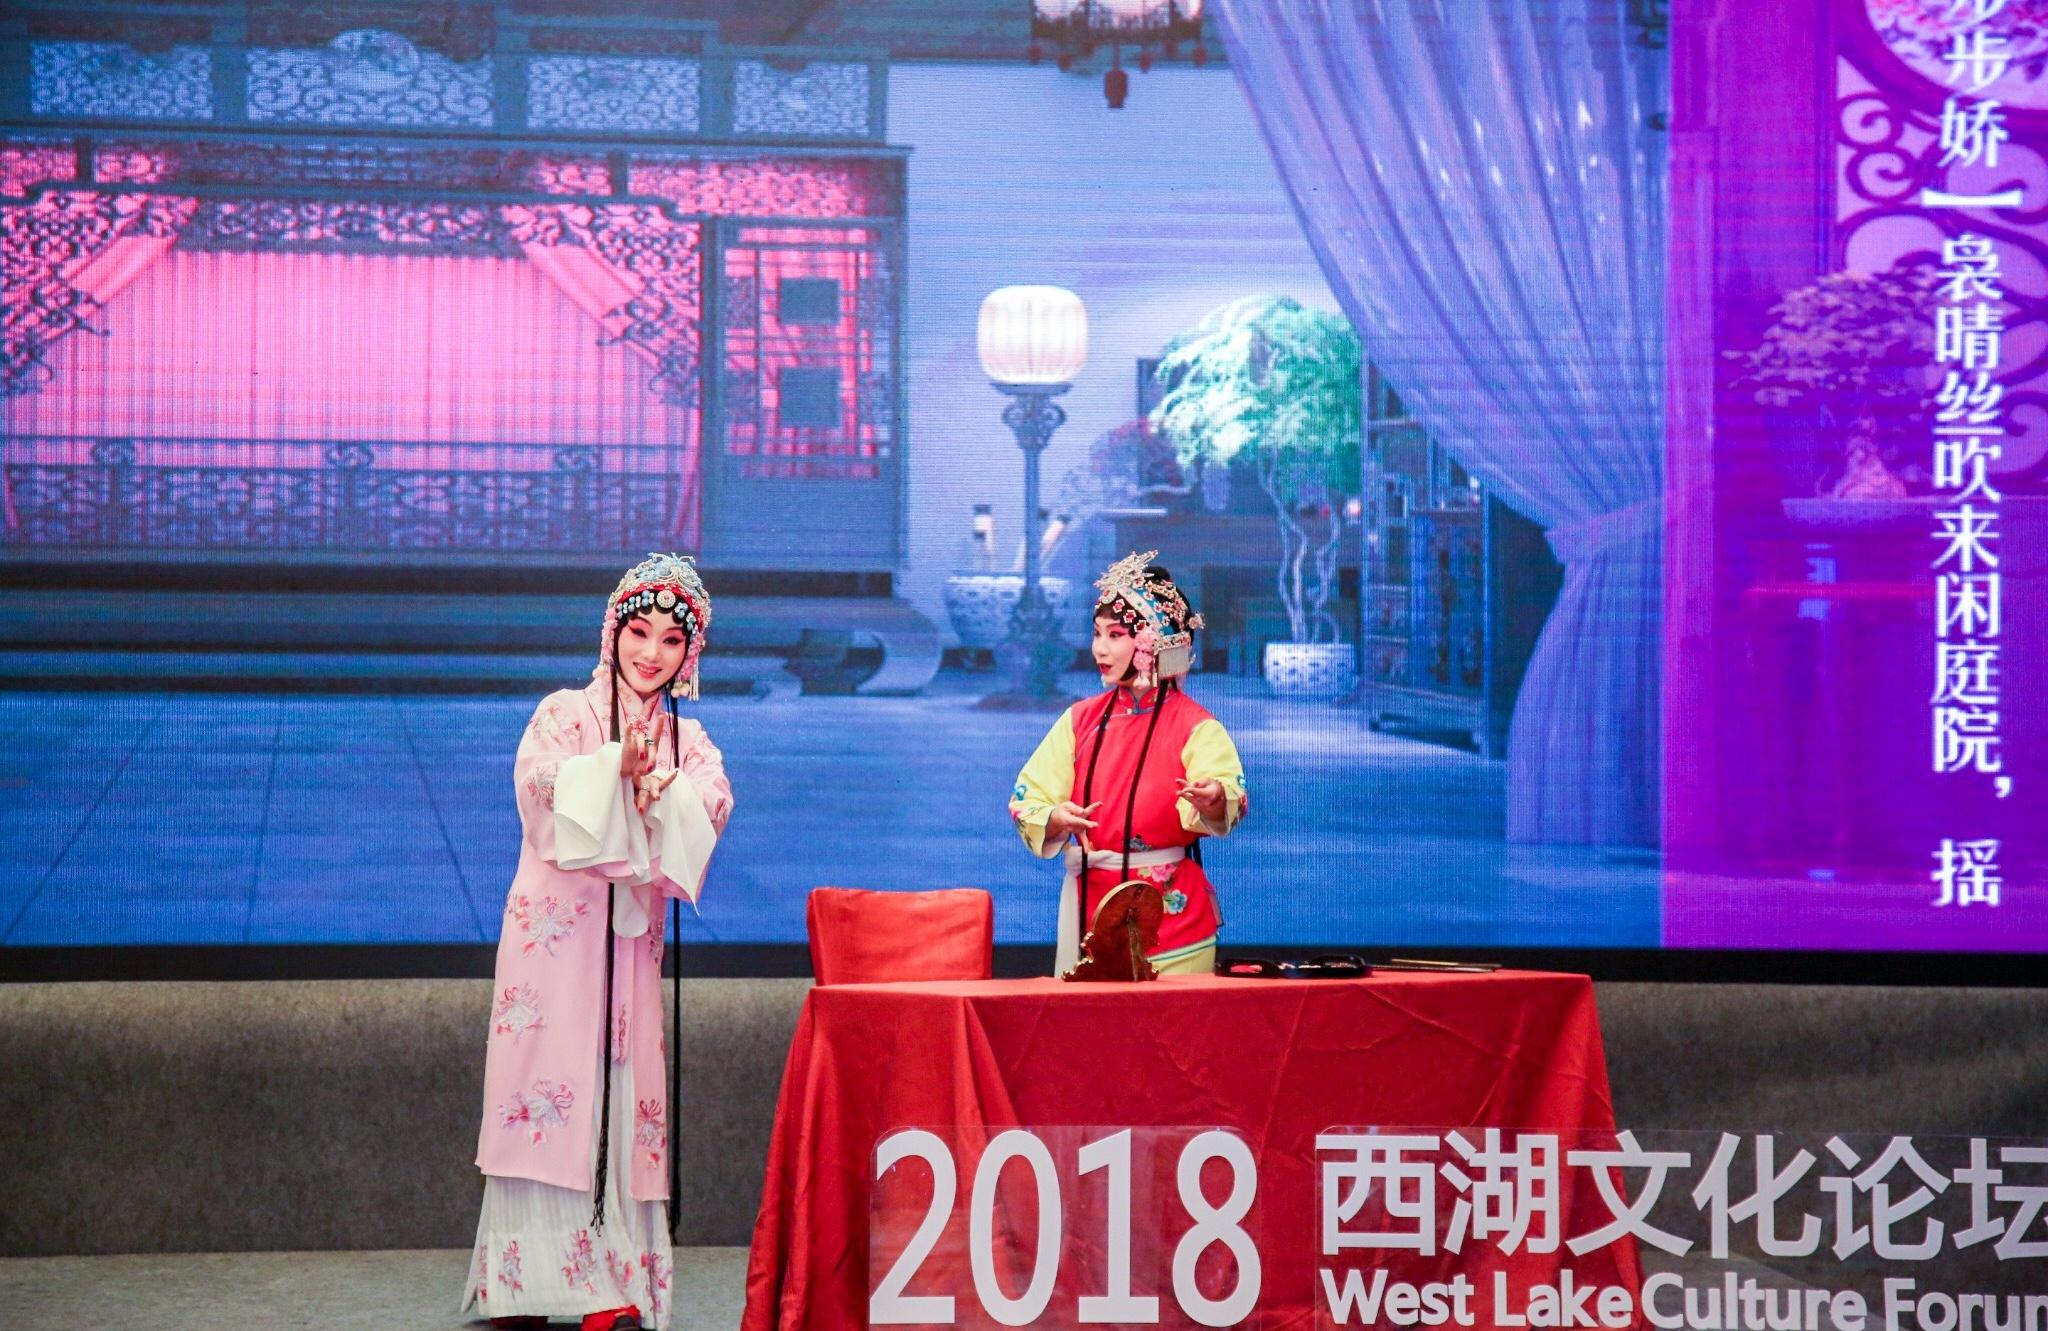 2018西湖文化论坛在杭州顺利闭幕